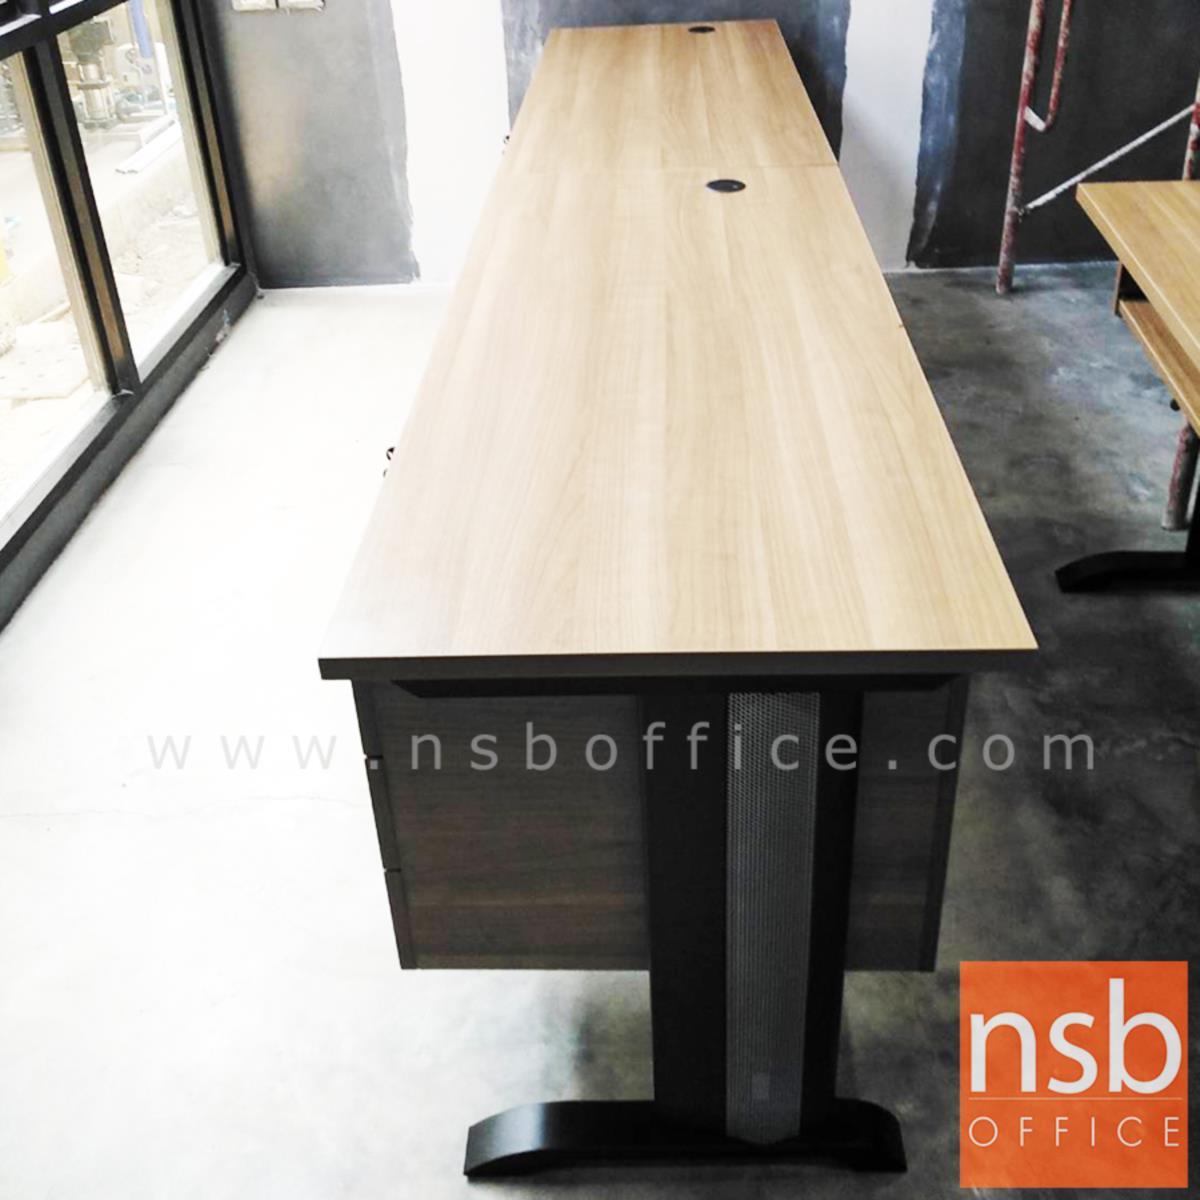 โต๊ะทำงาน 3 ลิ้นชัก  120W ,135W ,150W ,180W (75D, 80D) cm.  ขาเหล็กตัวแอล